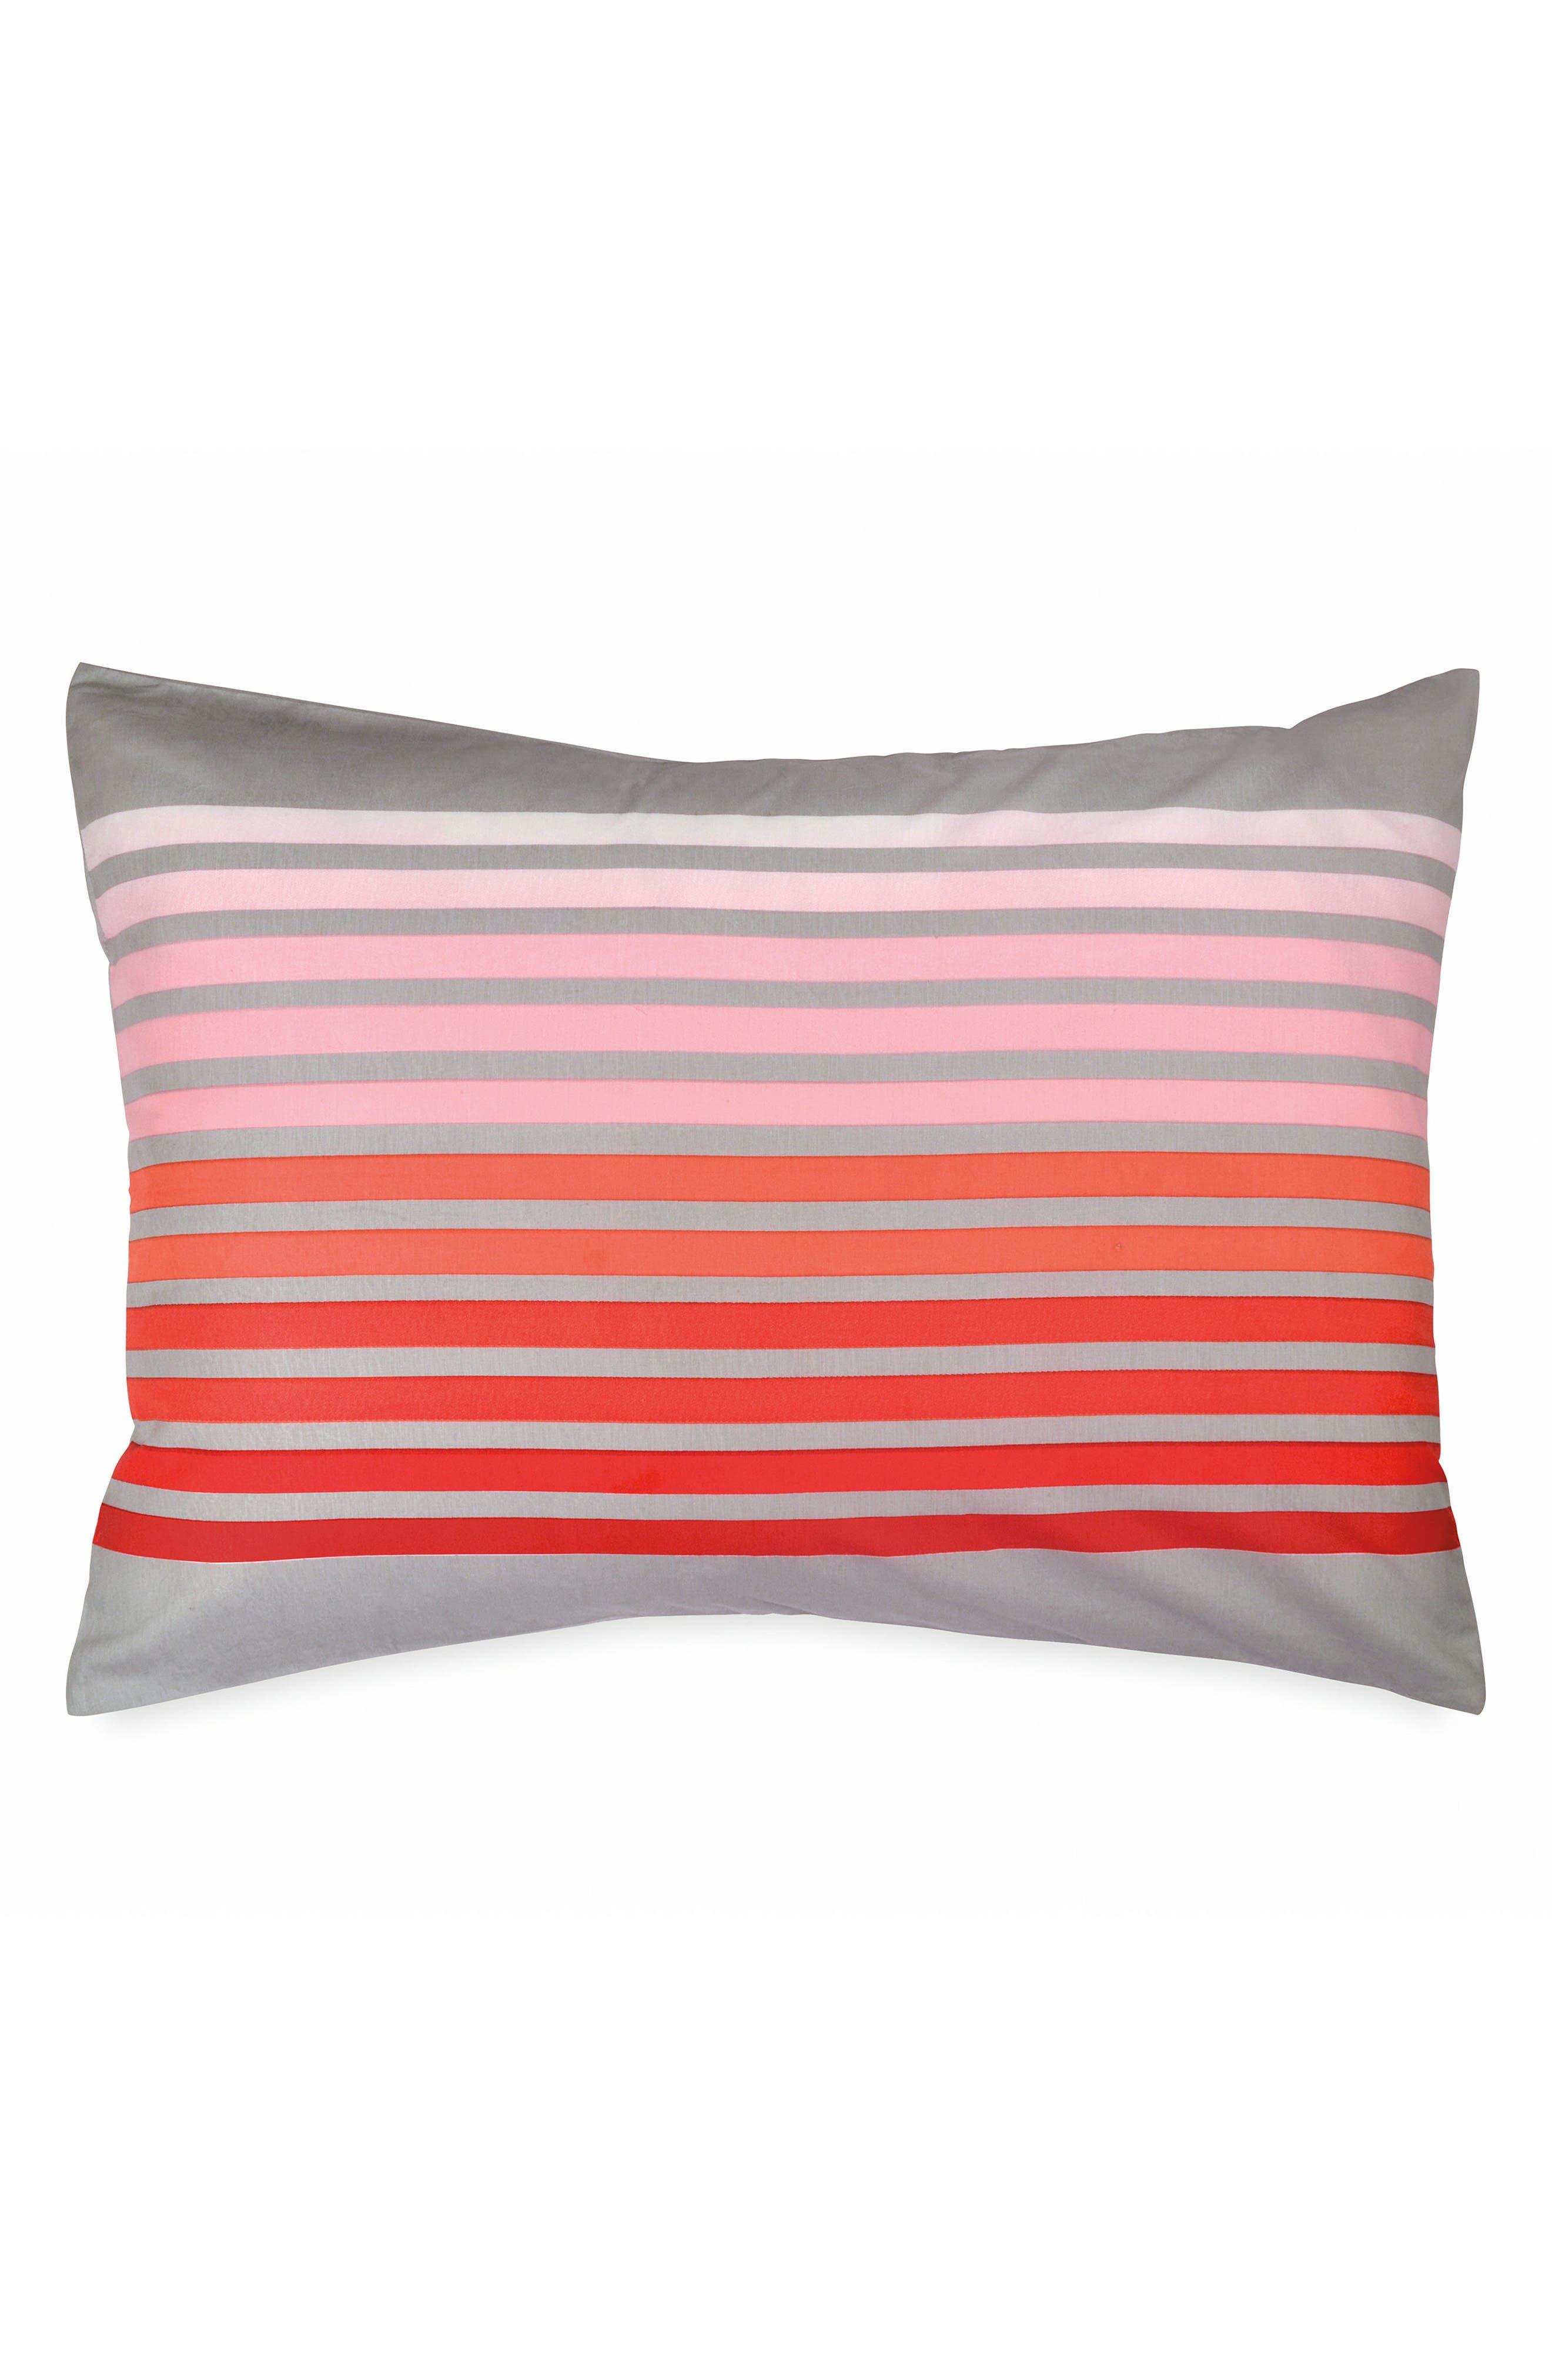 Sunset Stripe Duvet Cover & Sham Set,                             Alternate thumbnail 3, color,                             020